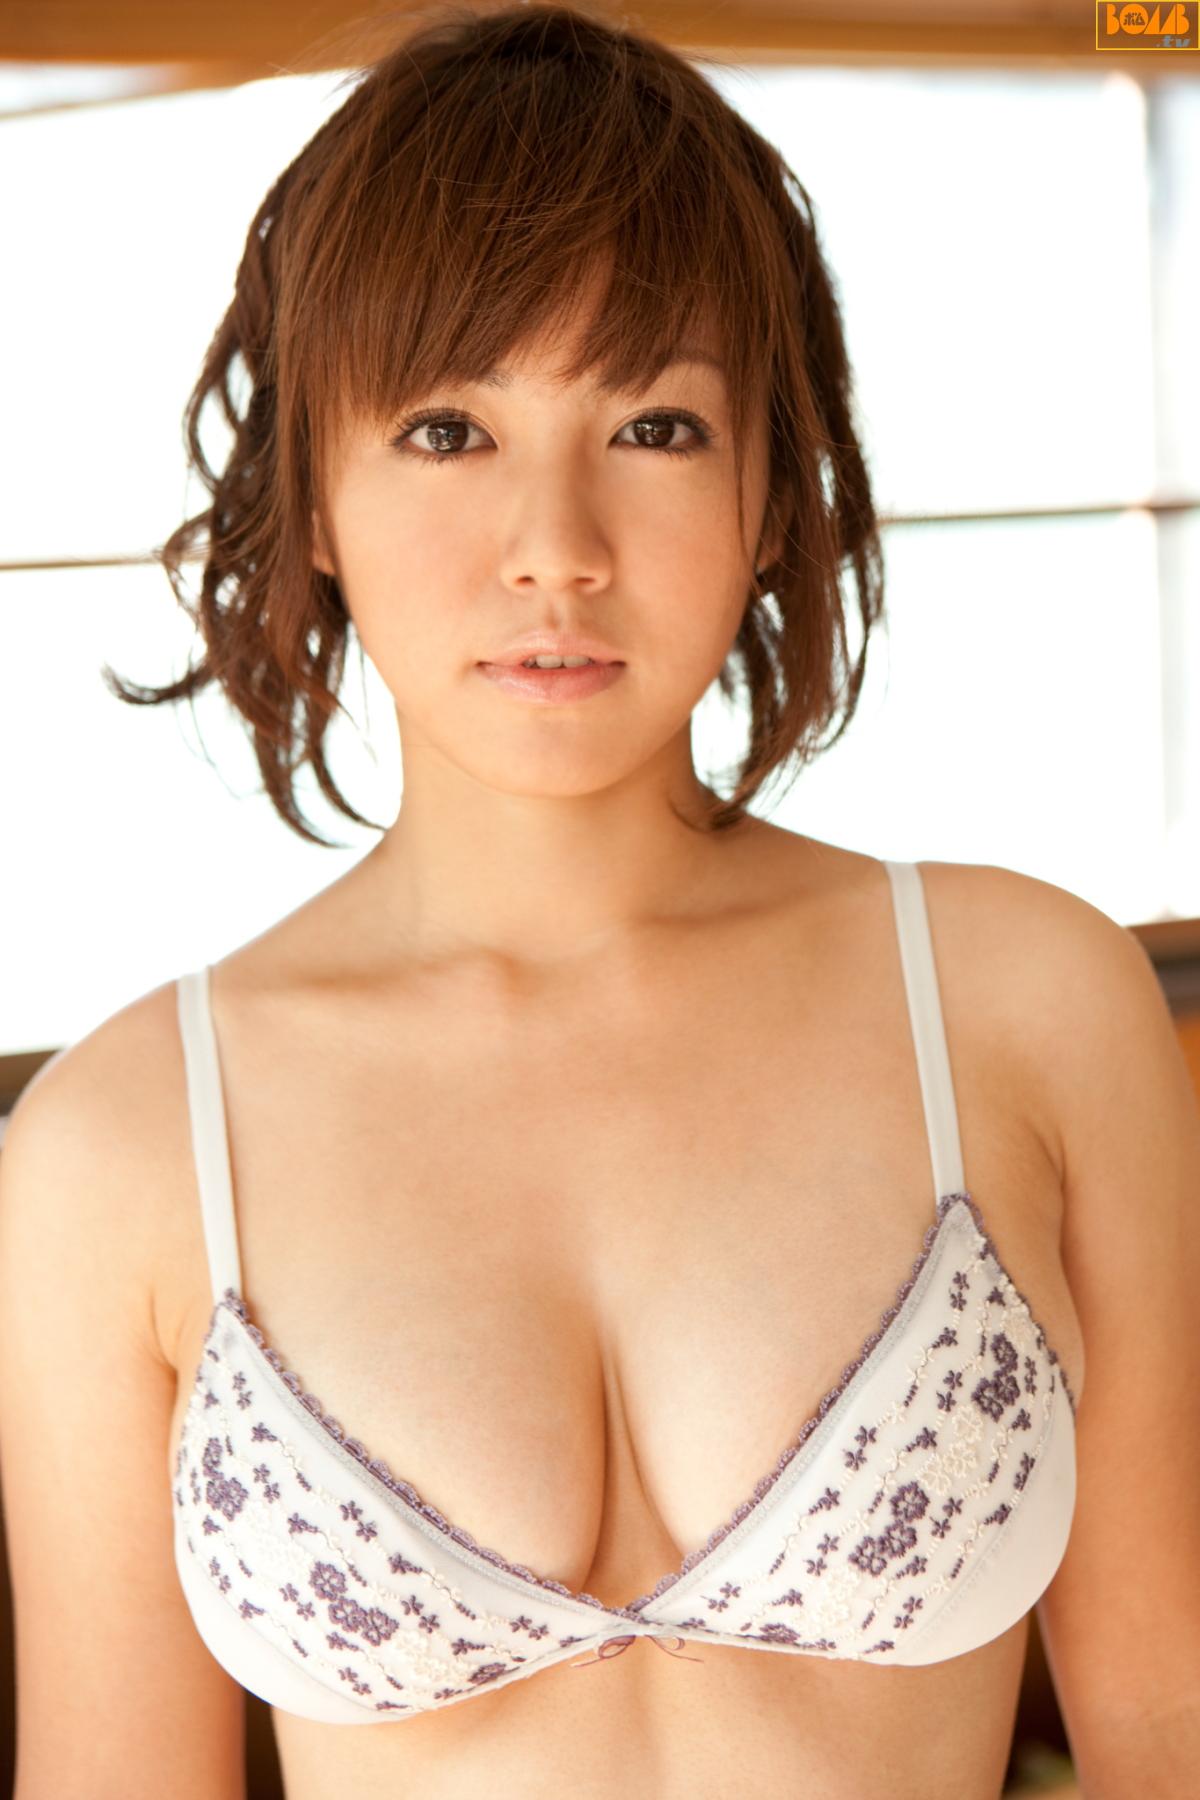 [Bomb.tv] 20110301 Sayaka Isoyama 磯山さやか No.1 追加!